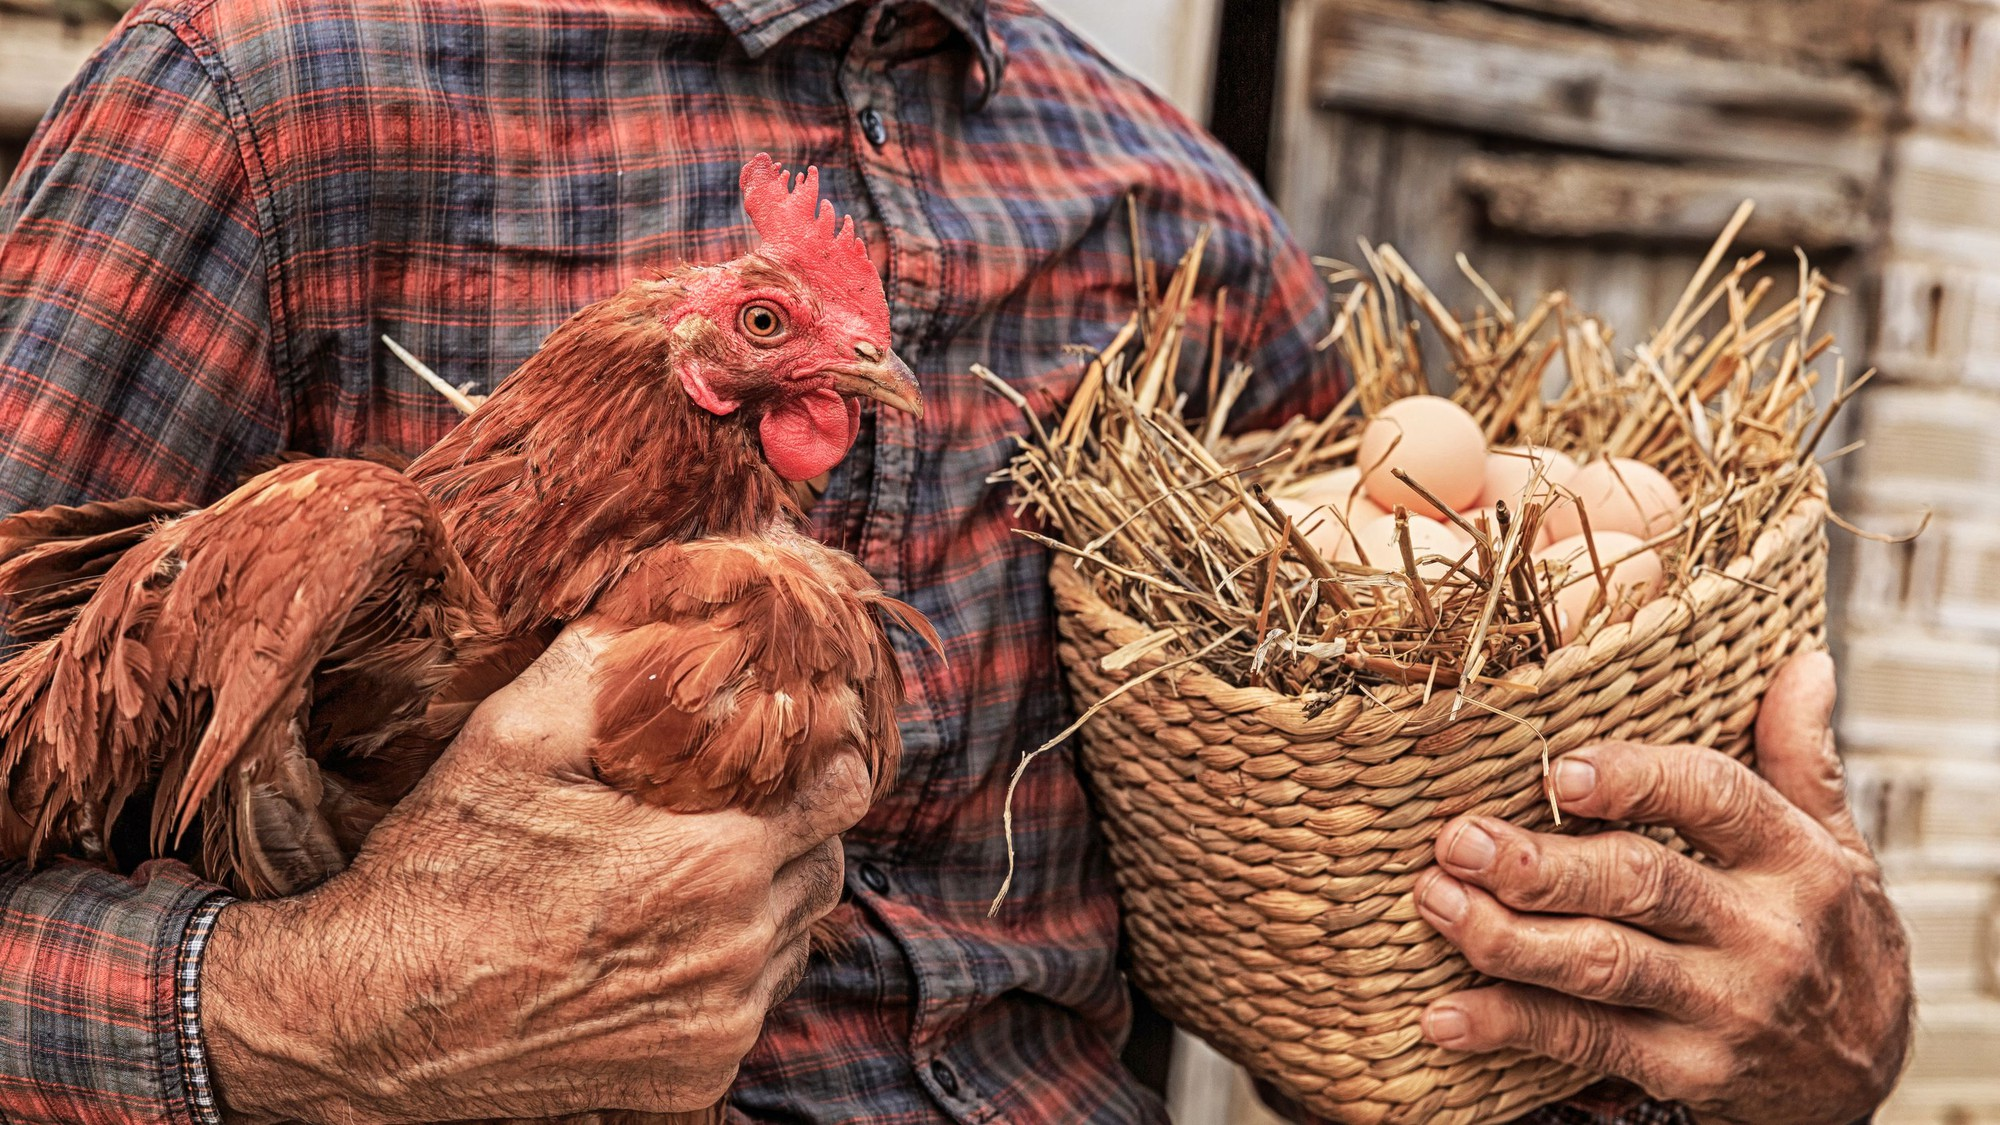 Trứng có trước hay gà có trước? Đáp án cho câu hỏi kinh điển này hóa ra không giống như bạn nghĩ - Ảnh 1.